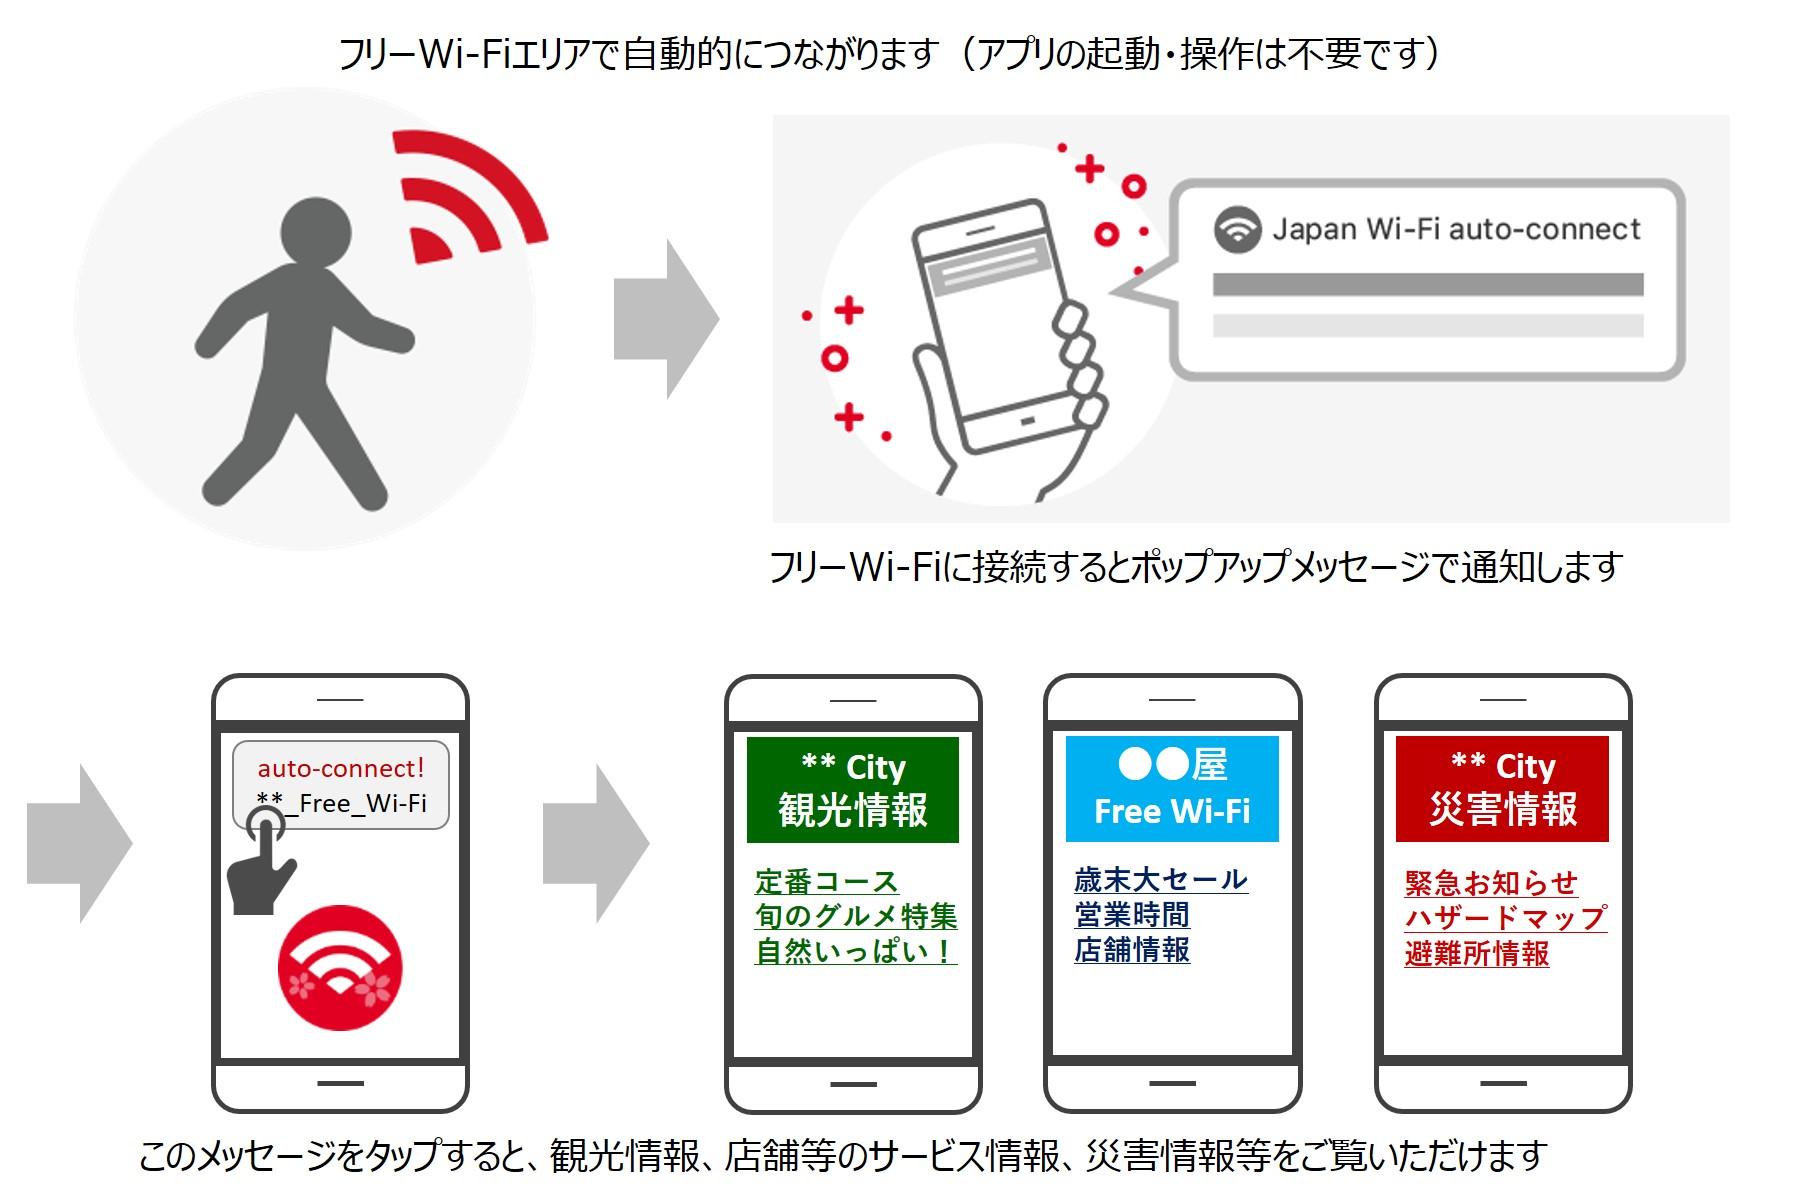 フリーWi-Fiエリアで自動的につながります(アプリの起動・操作は不要です)。 フリーWi-Fiに接続するとポップアップメッセージで通知します。 このメッセージをタップすると、観光情報、店舗等のサービス情報、災害情報等をご覧いただけます(図2)。